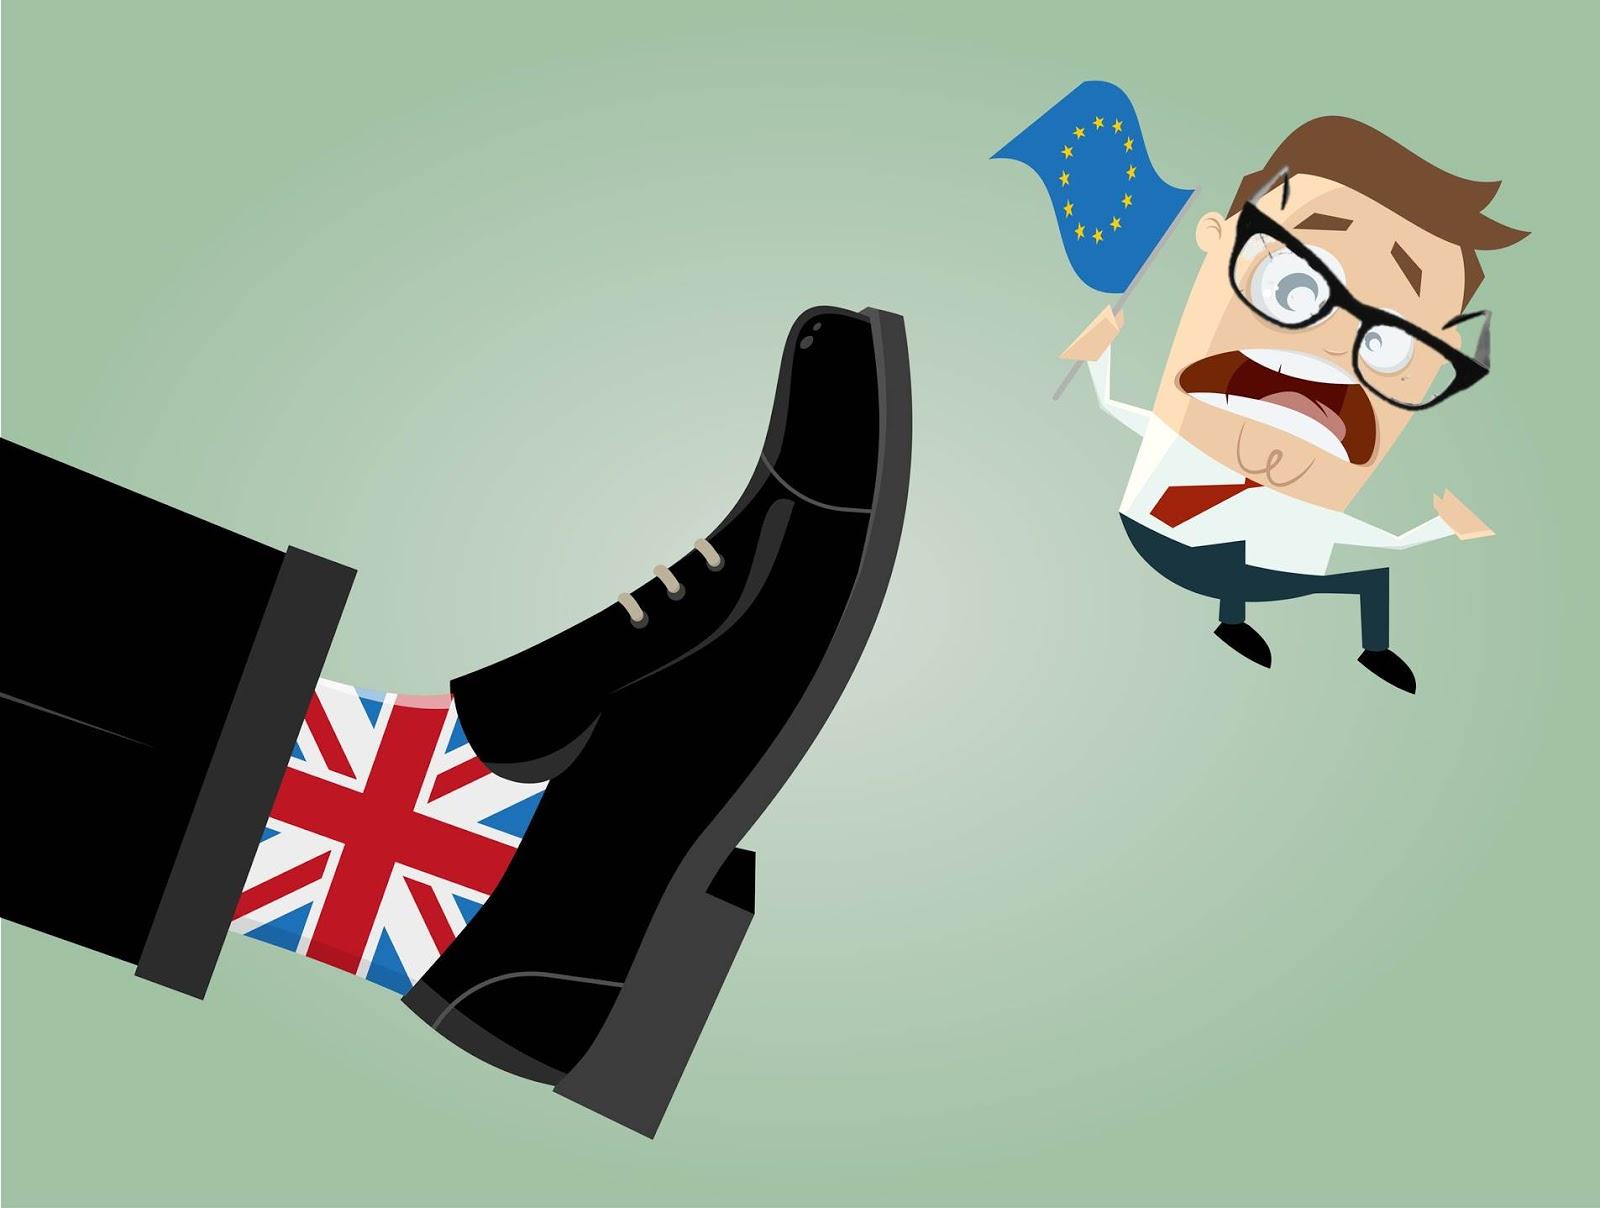 ما أثر خروج بريطانيا من الاتحاد الأوروبي على العلم والعلماء ؟